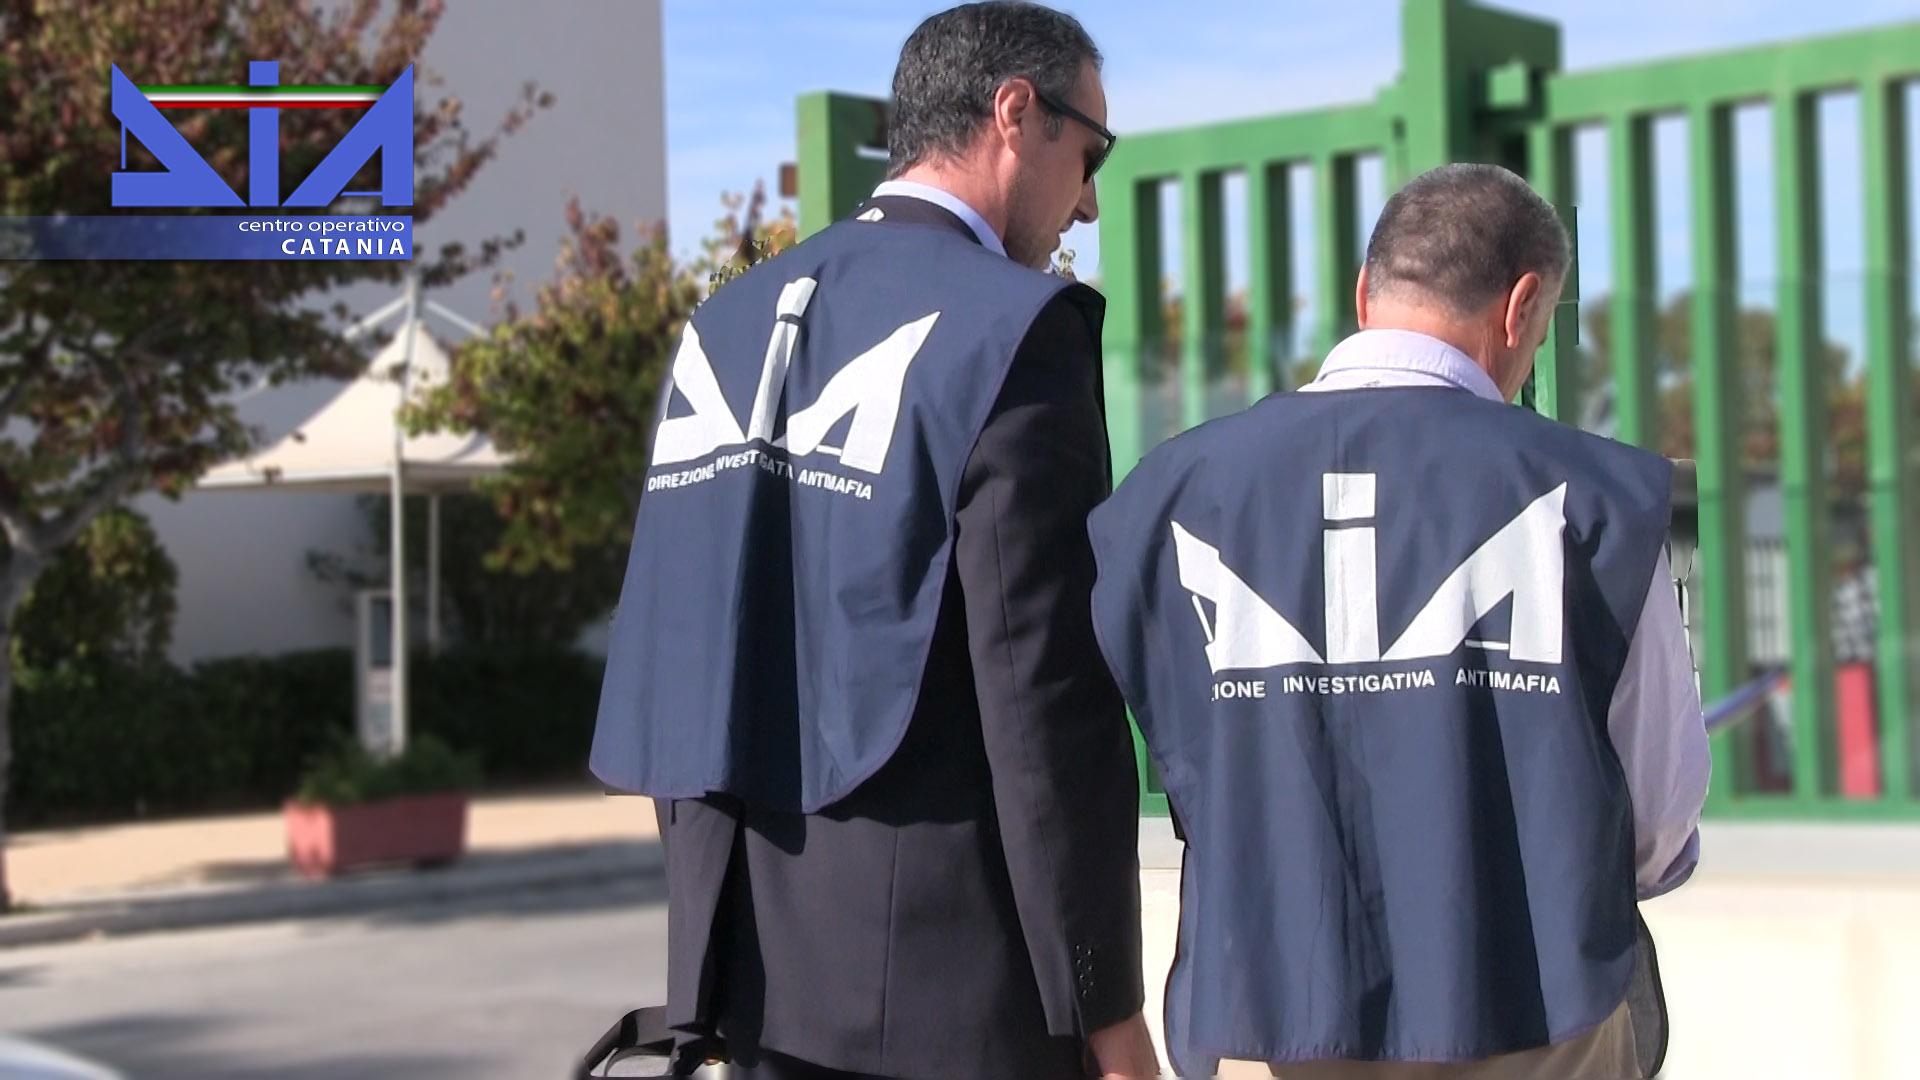 Mafia, confiscati beni per 1,5 milioni a imprenditore di Catania